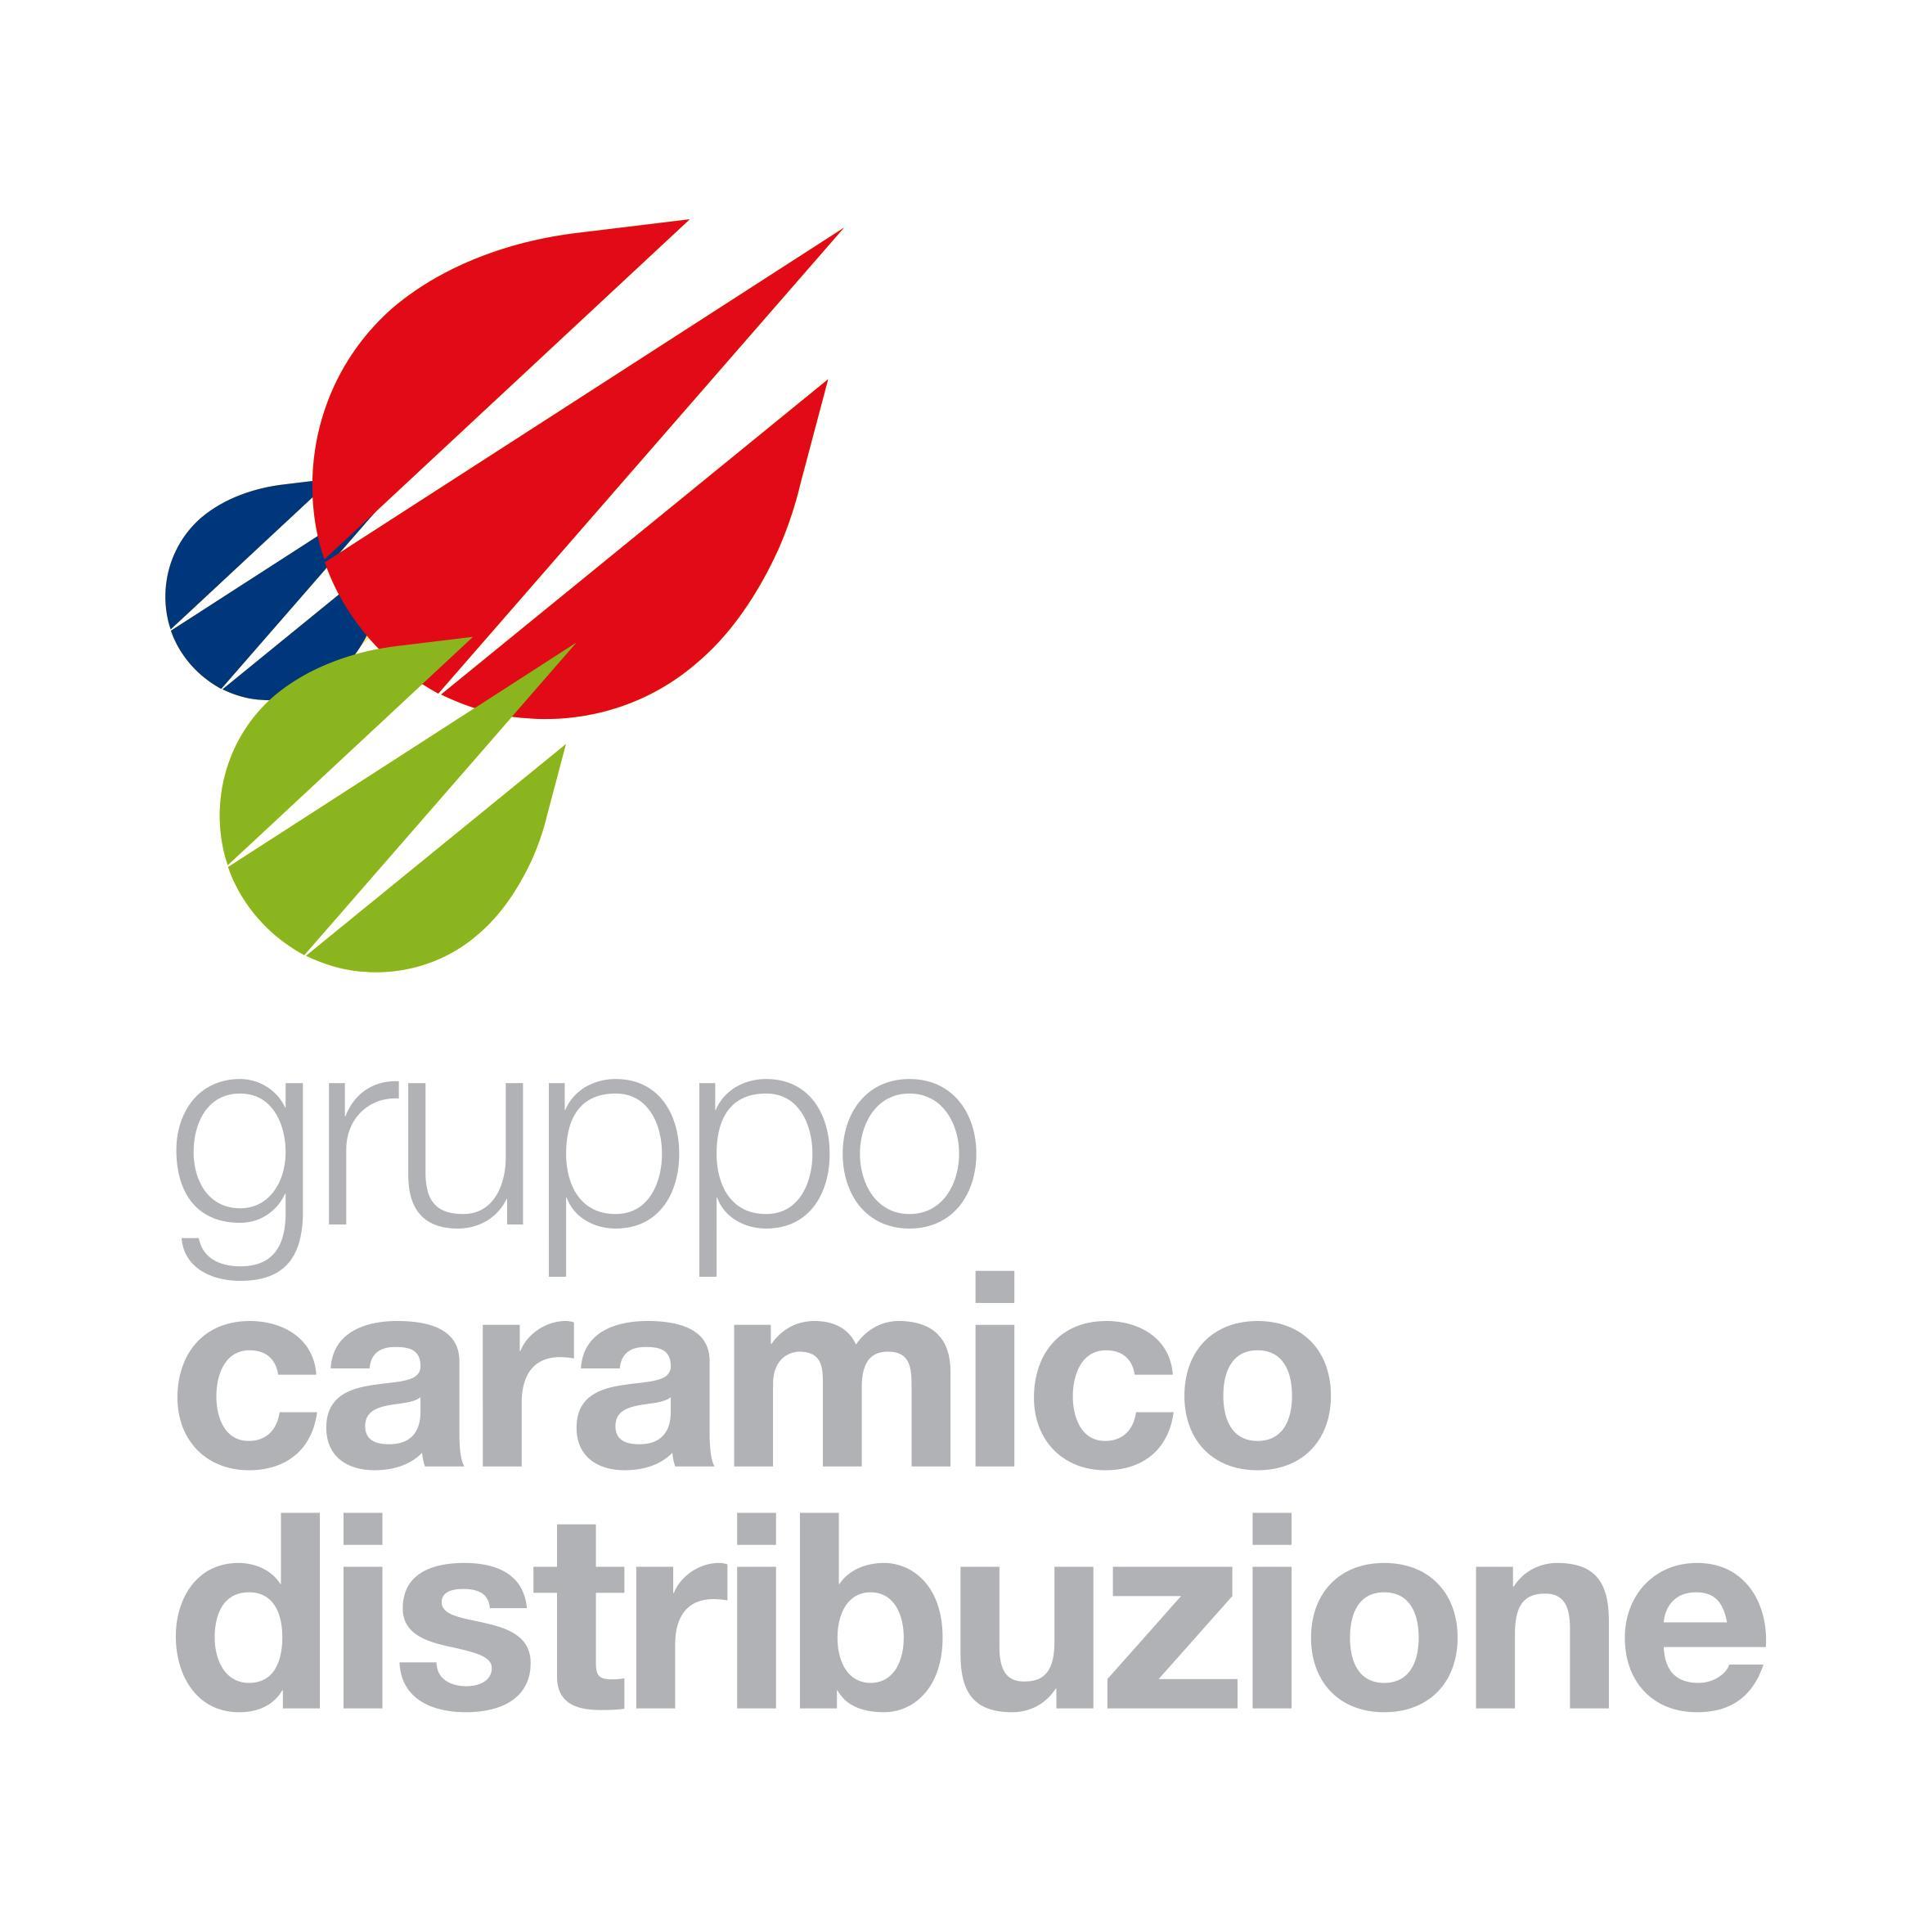 Logo Gruppo caramico distribuzione GDO (Grande Distribuzione Organizzata)